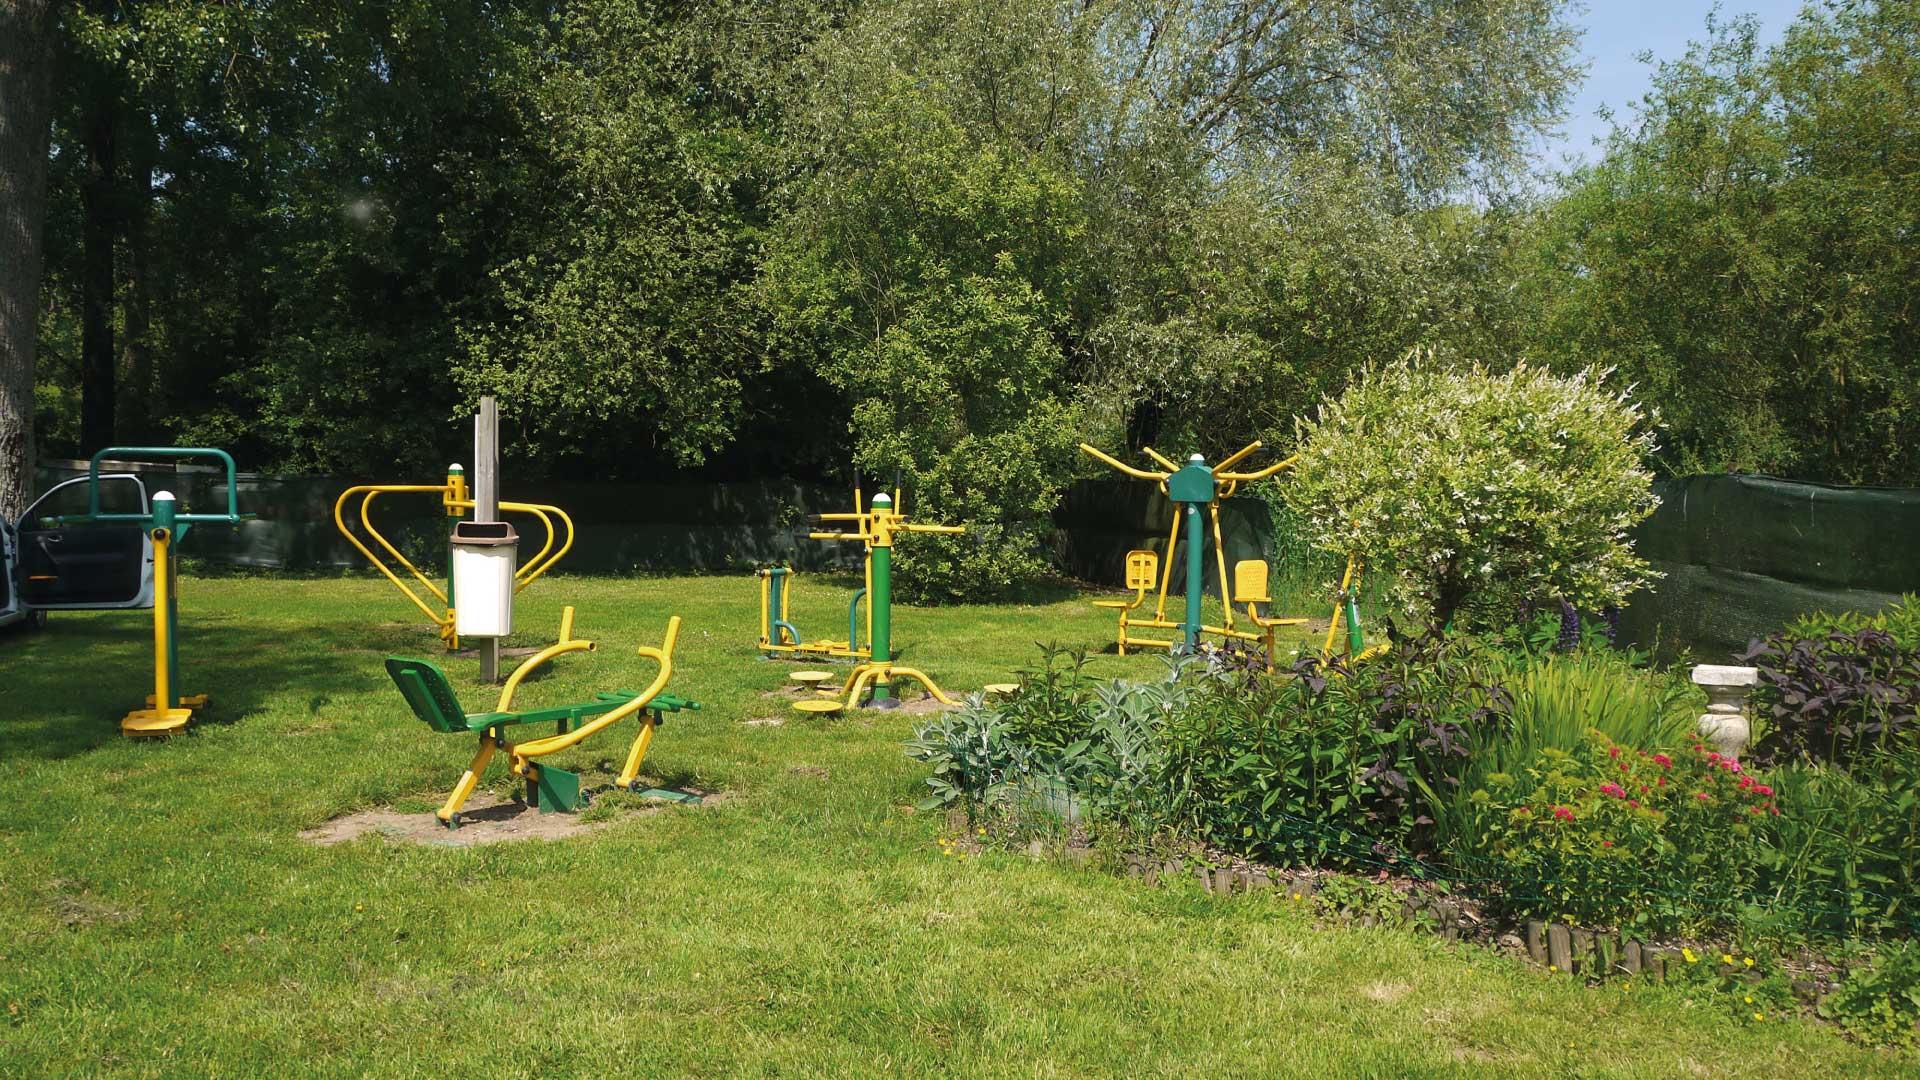 Espace de fitness en plein air - Camping du Molinel - Tortefontaine